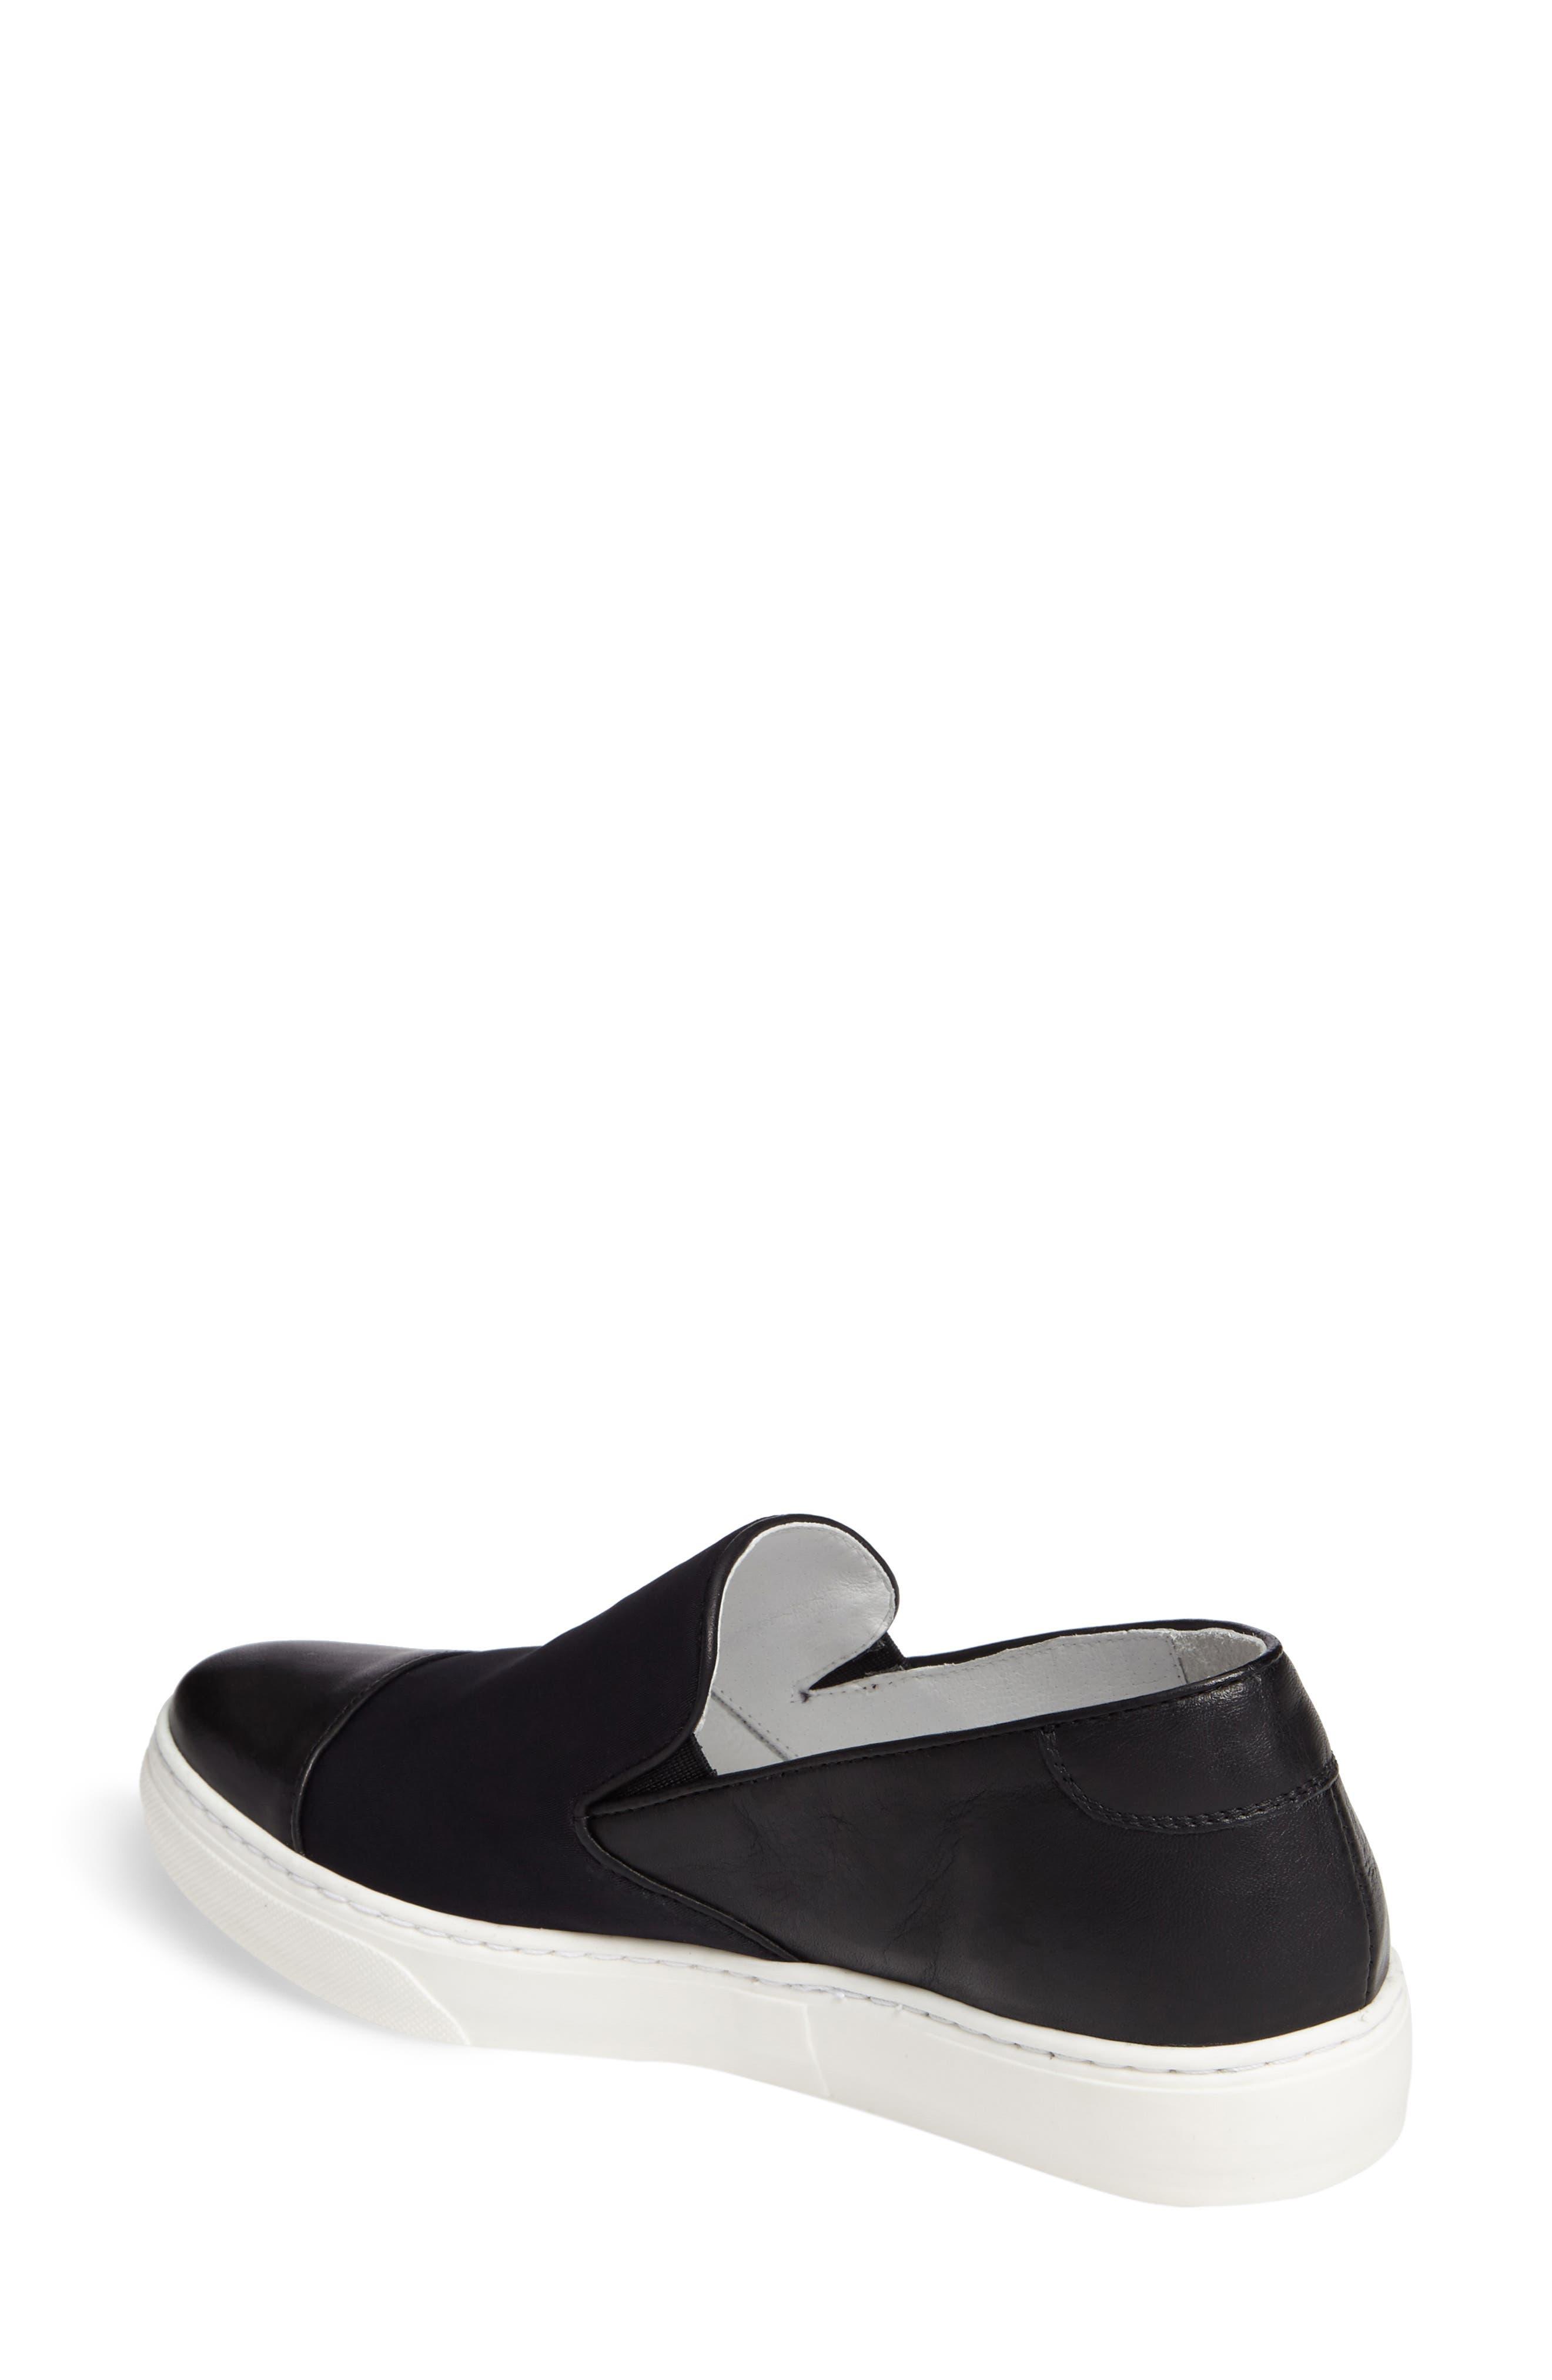 Betsy Slip-On Sneaker,                             Alternate thumbnail 2, color,                             001